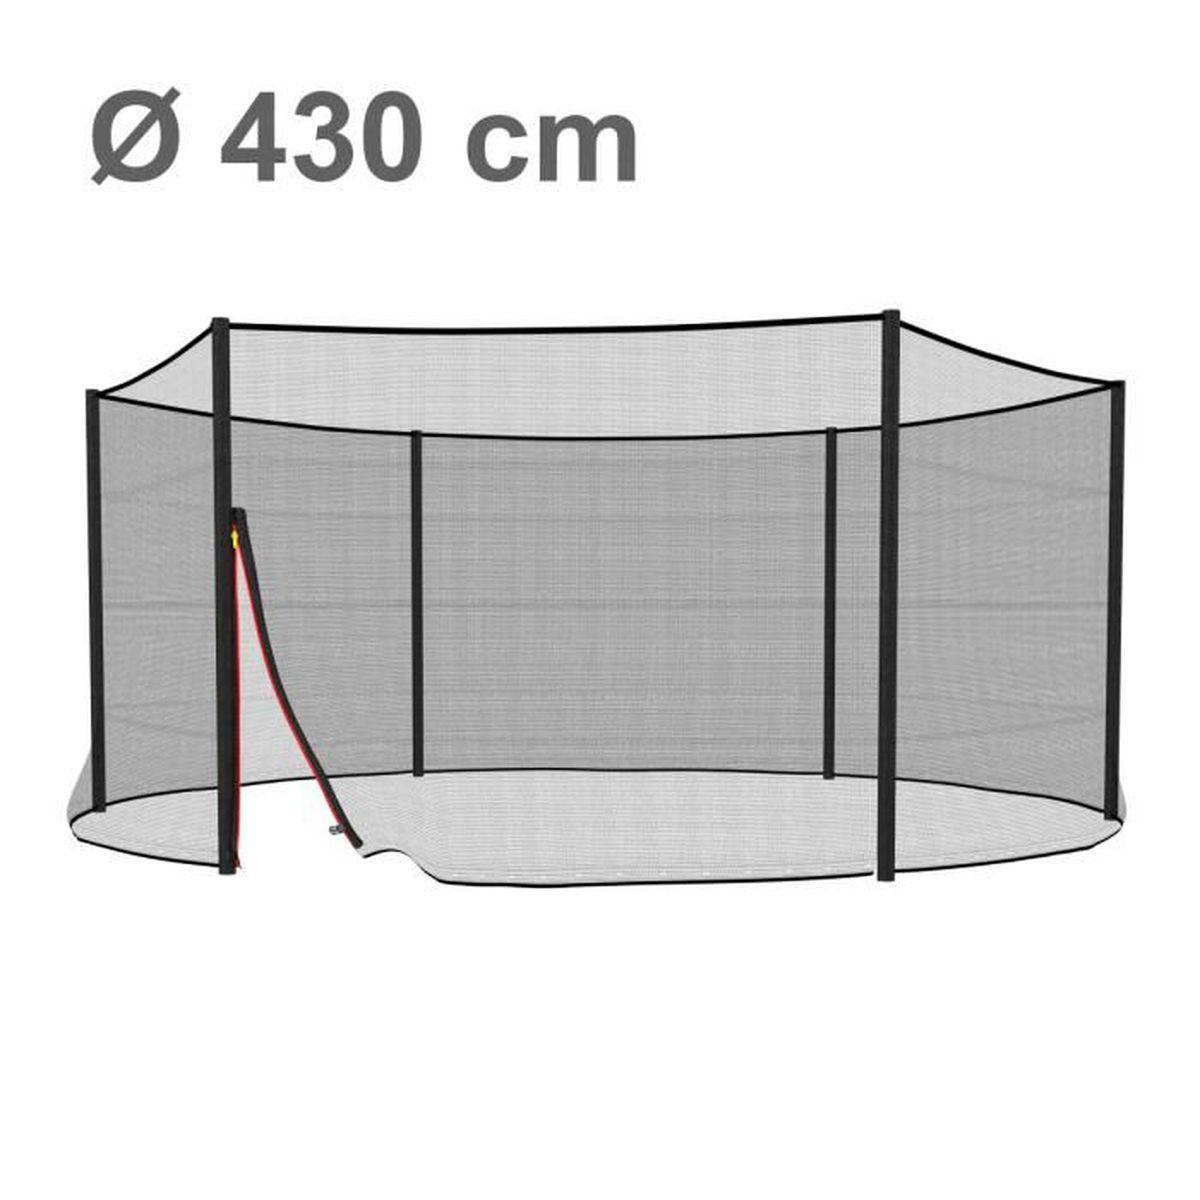 ampel 24 filet de s curit pour trampoline 430 cm et 6 piquets piquets non inclus filet. Black Bedroom Furniture Sets. Home Design Ideas